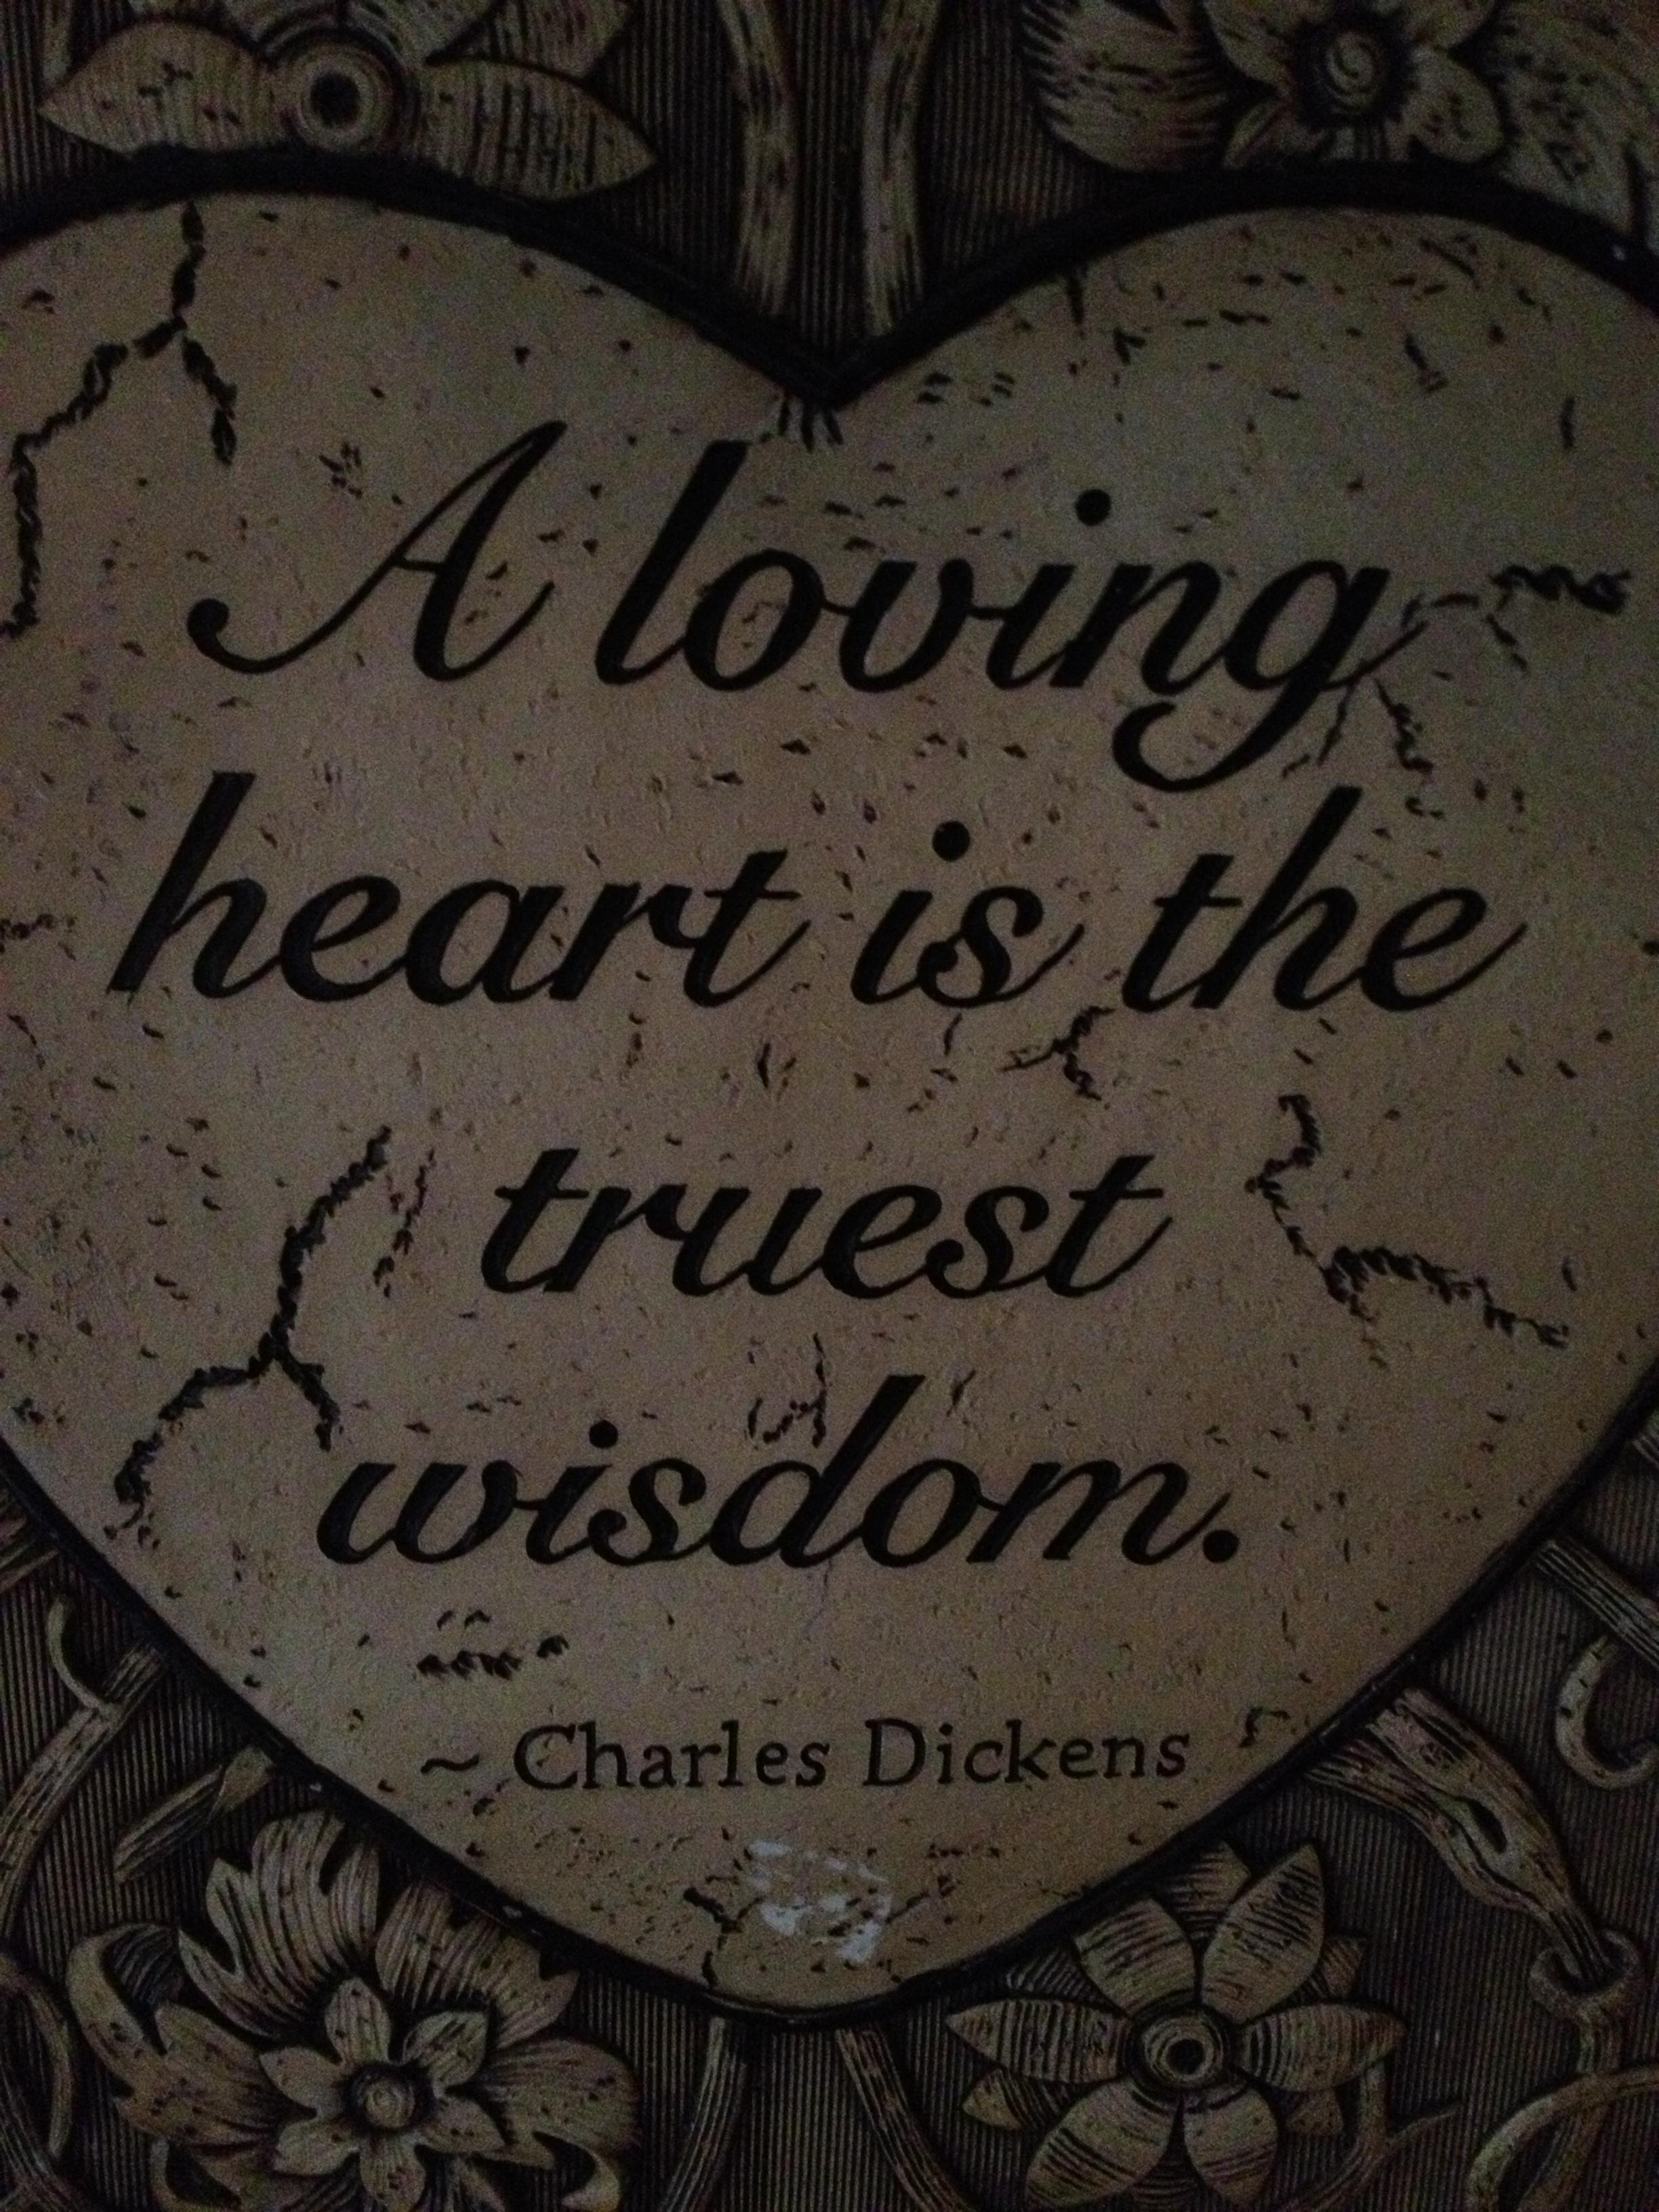 a loving heart is the truest wisdom